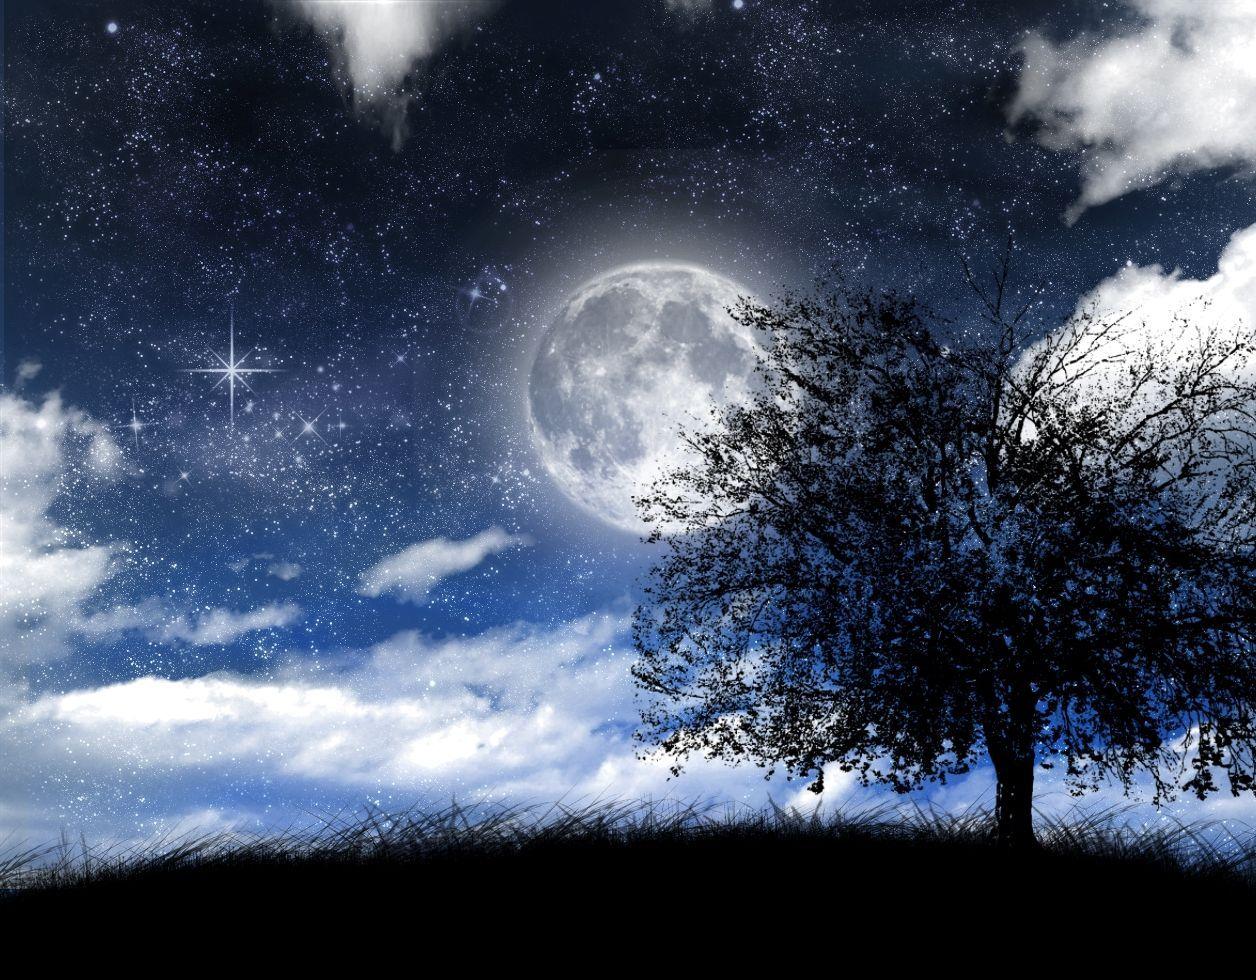 Se acerca la noche... ¿cómo la esperas?